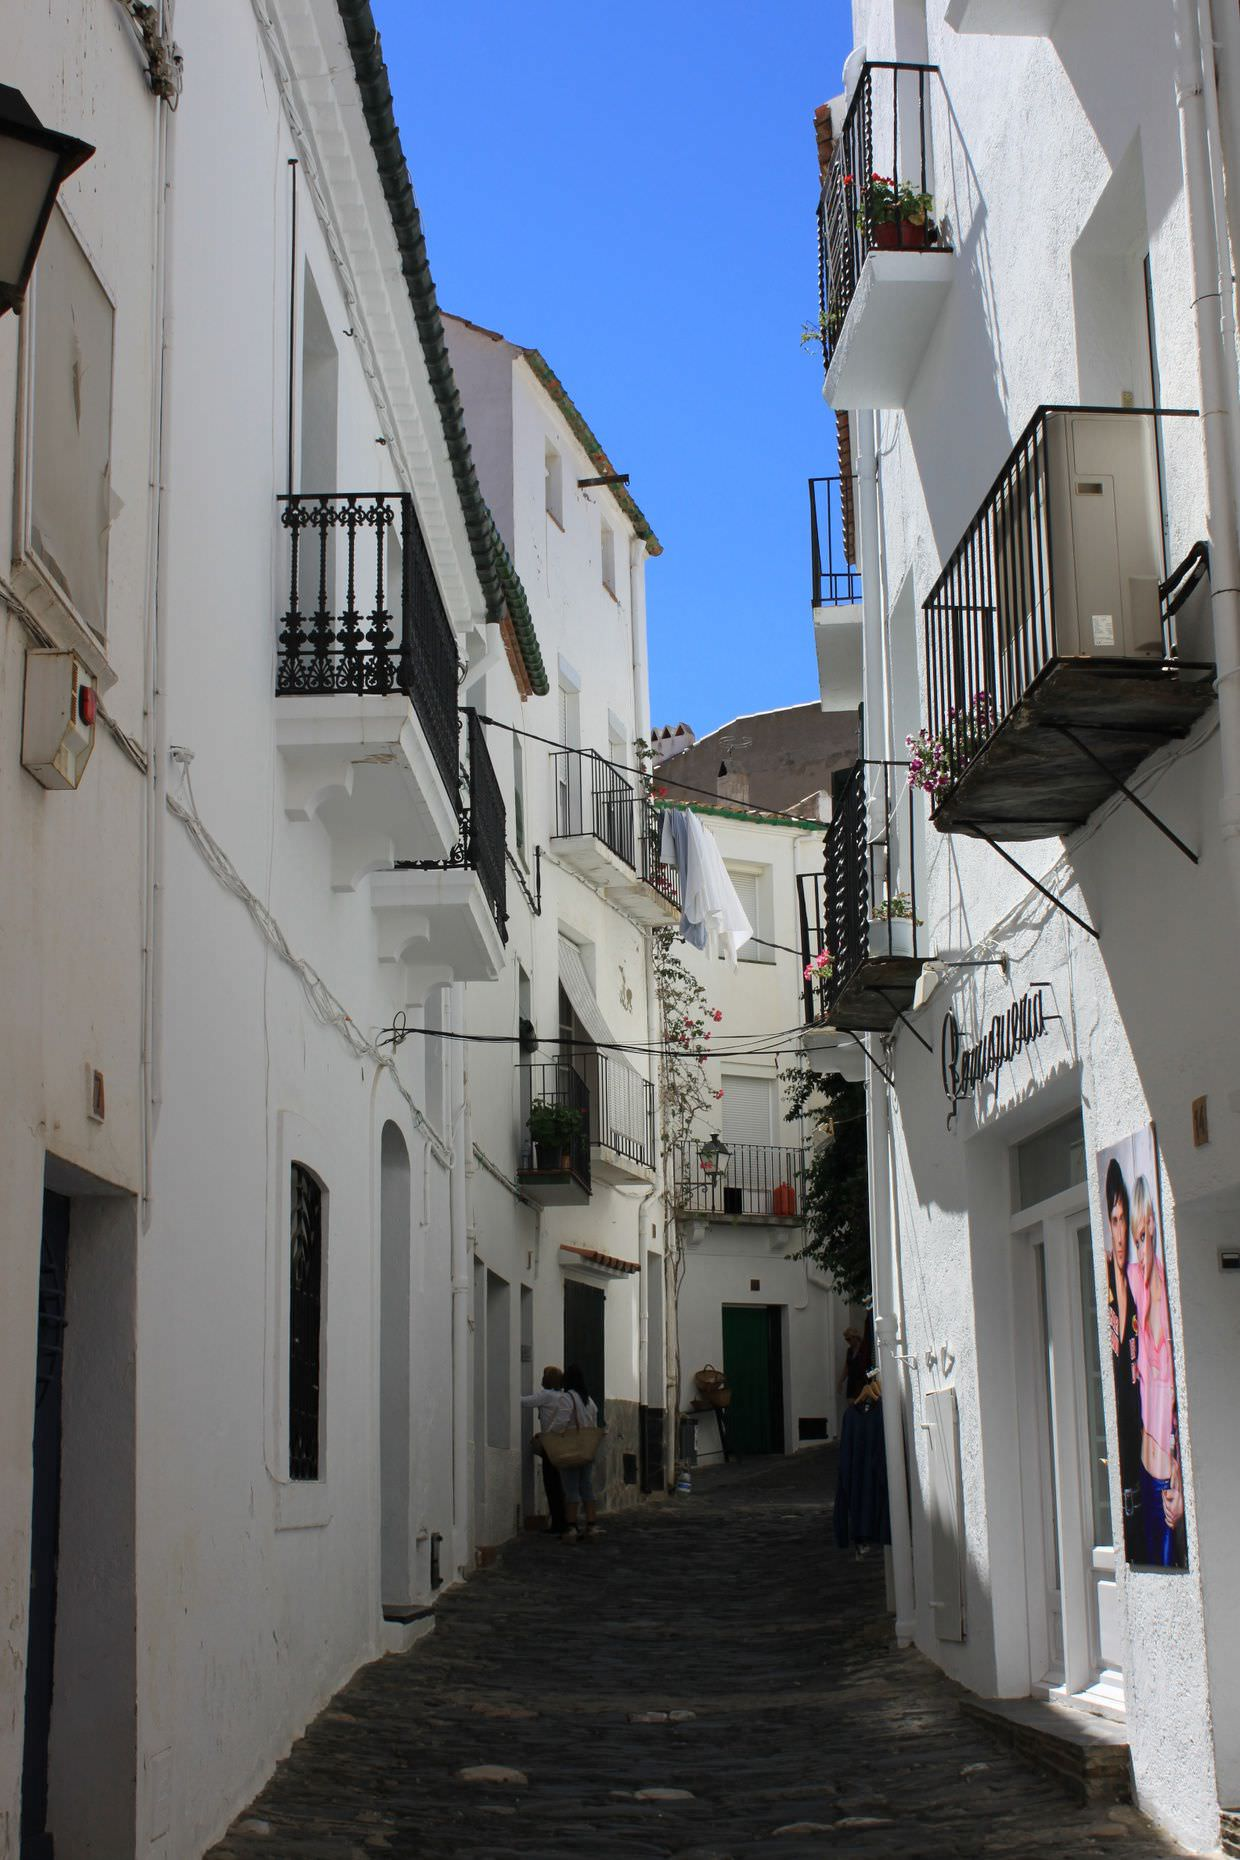 Narrow streets of Cadaqués